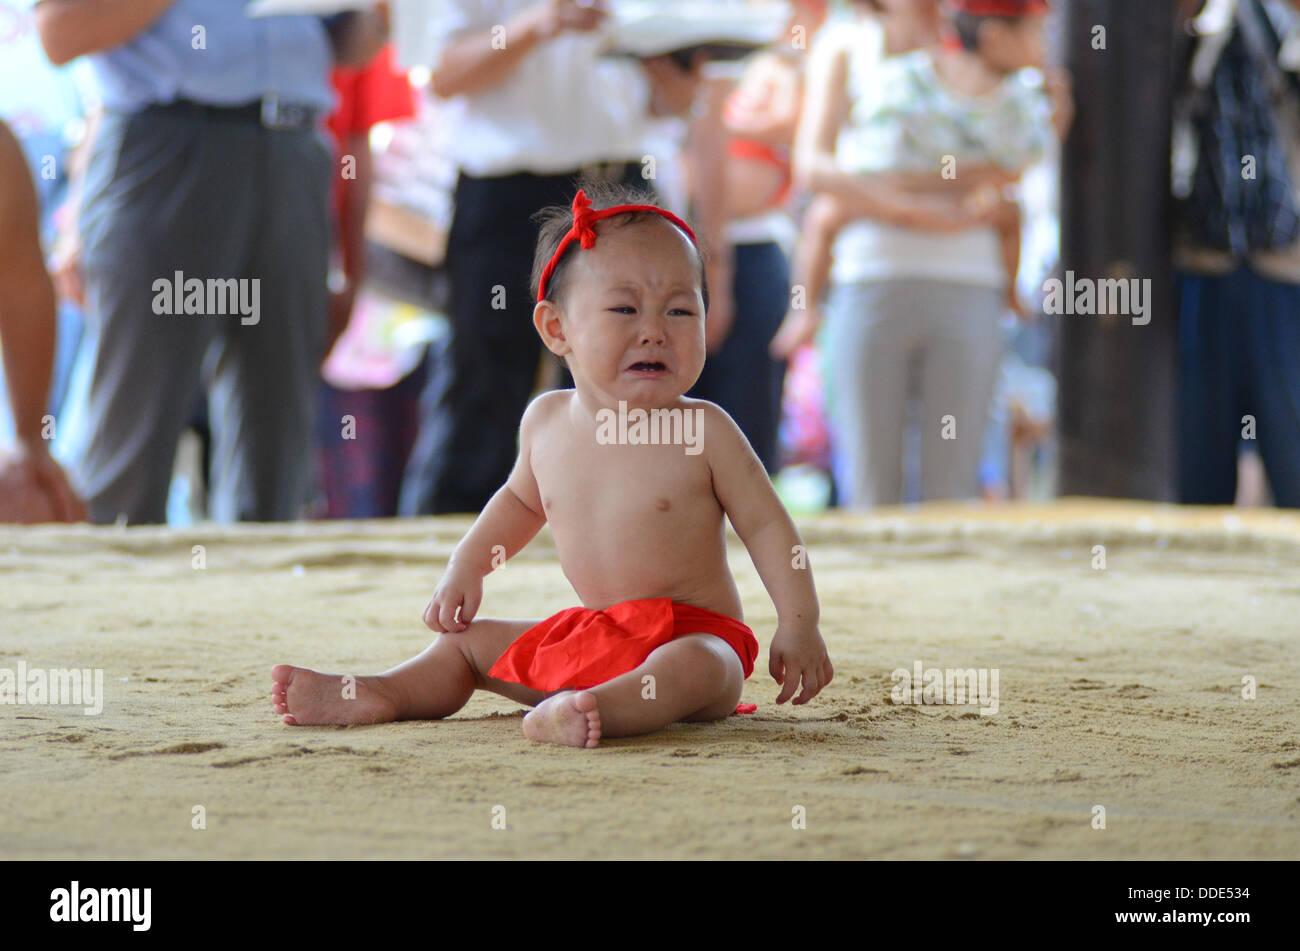 Lottatori e neonati prendere parte a un evento di sumo a Matsuo Taisha a Kyoto, in Giappone. Immagini Stock